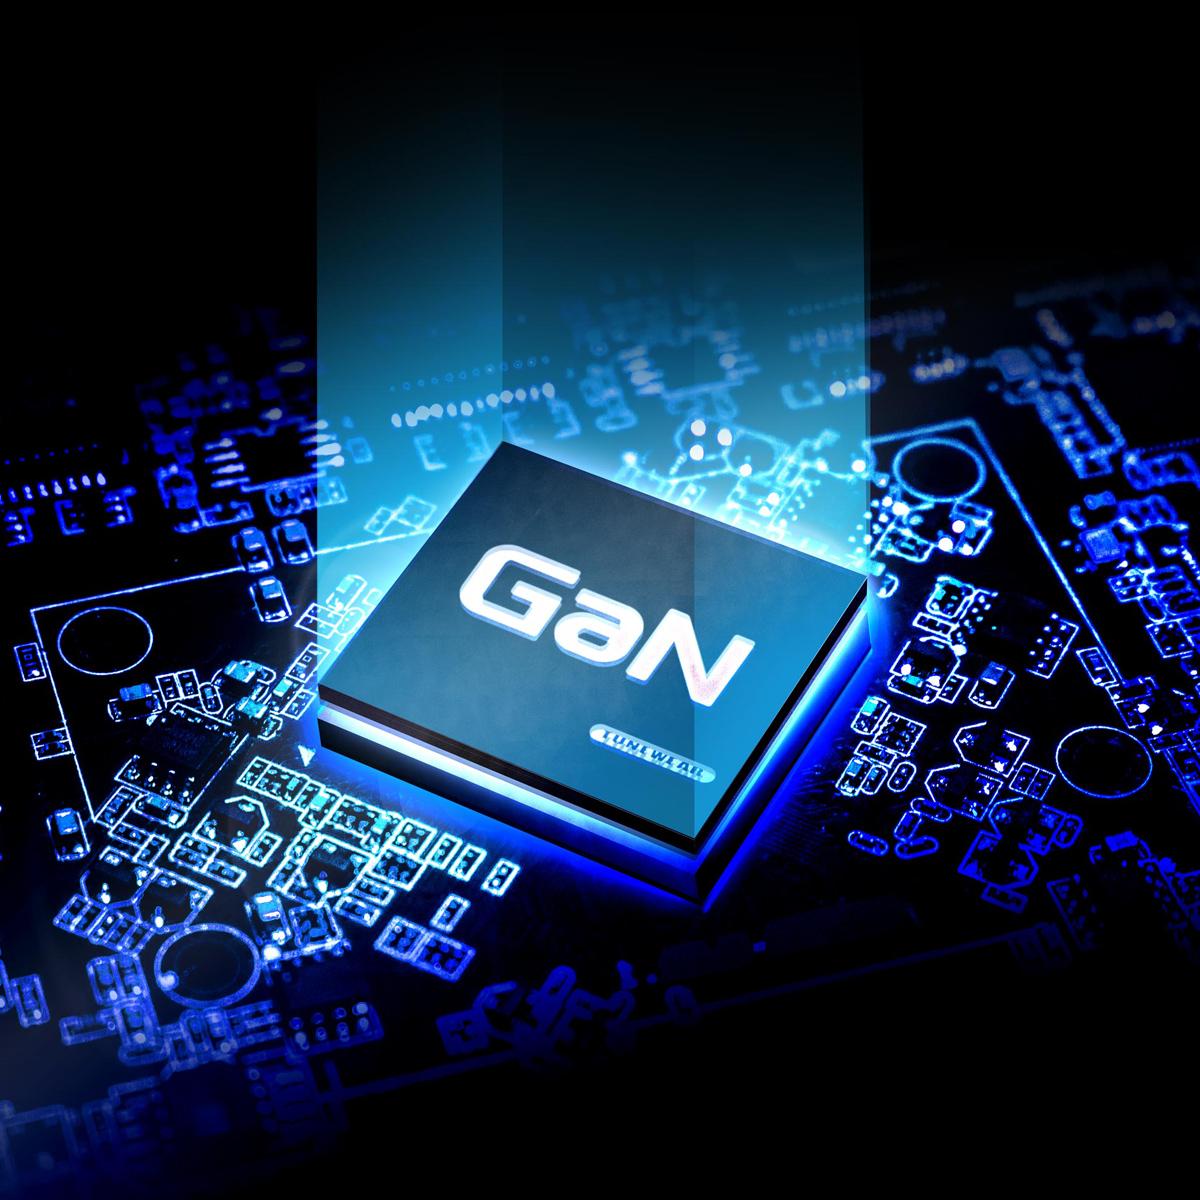 最新の窒化ガリウムテクノロジー